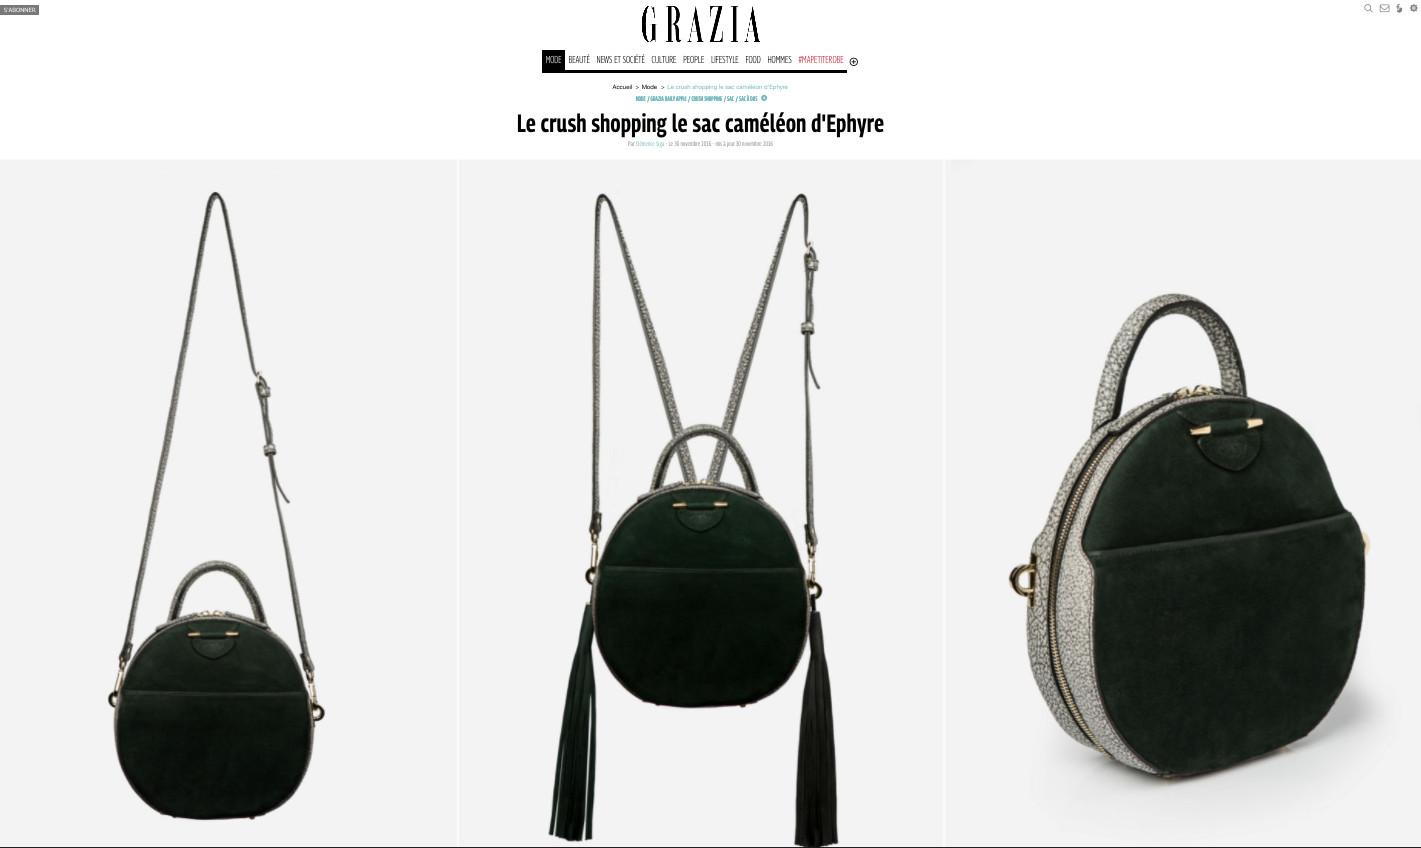 Grazia Le crush shopping le sac caméléon d'Ephyre